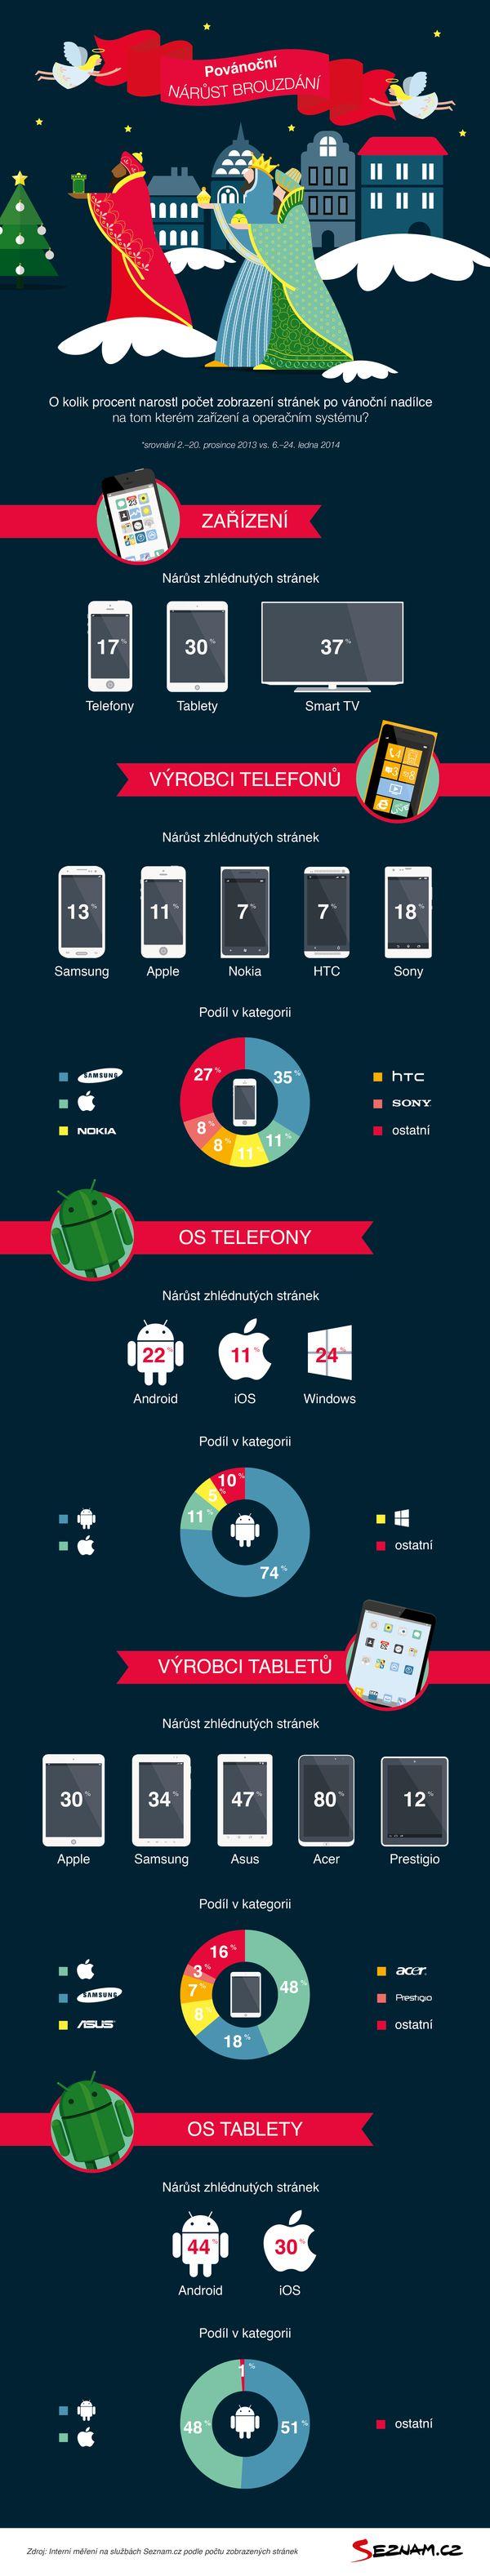 Jak Vánoce ovlivnily mobilní internet? #infographics #mobileinternet #christmas